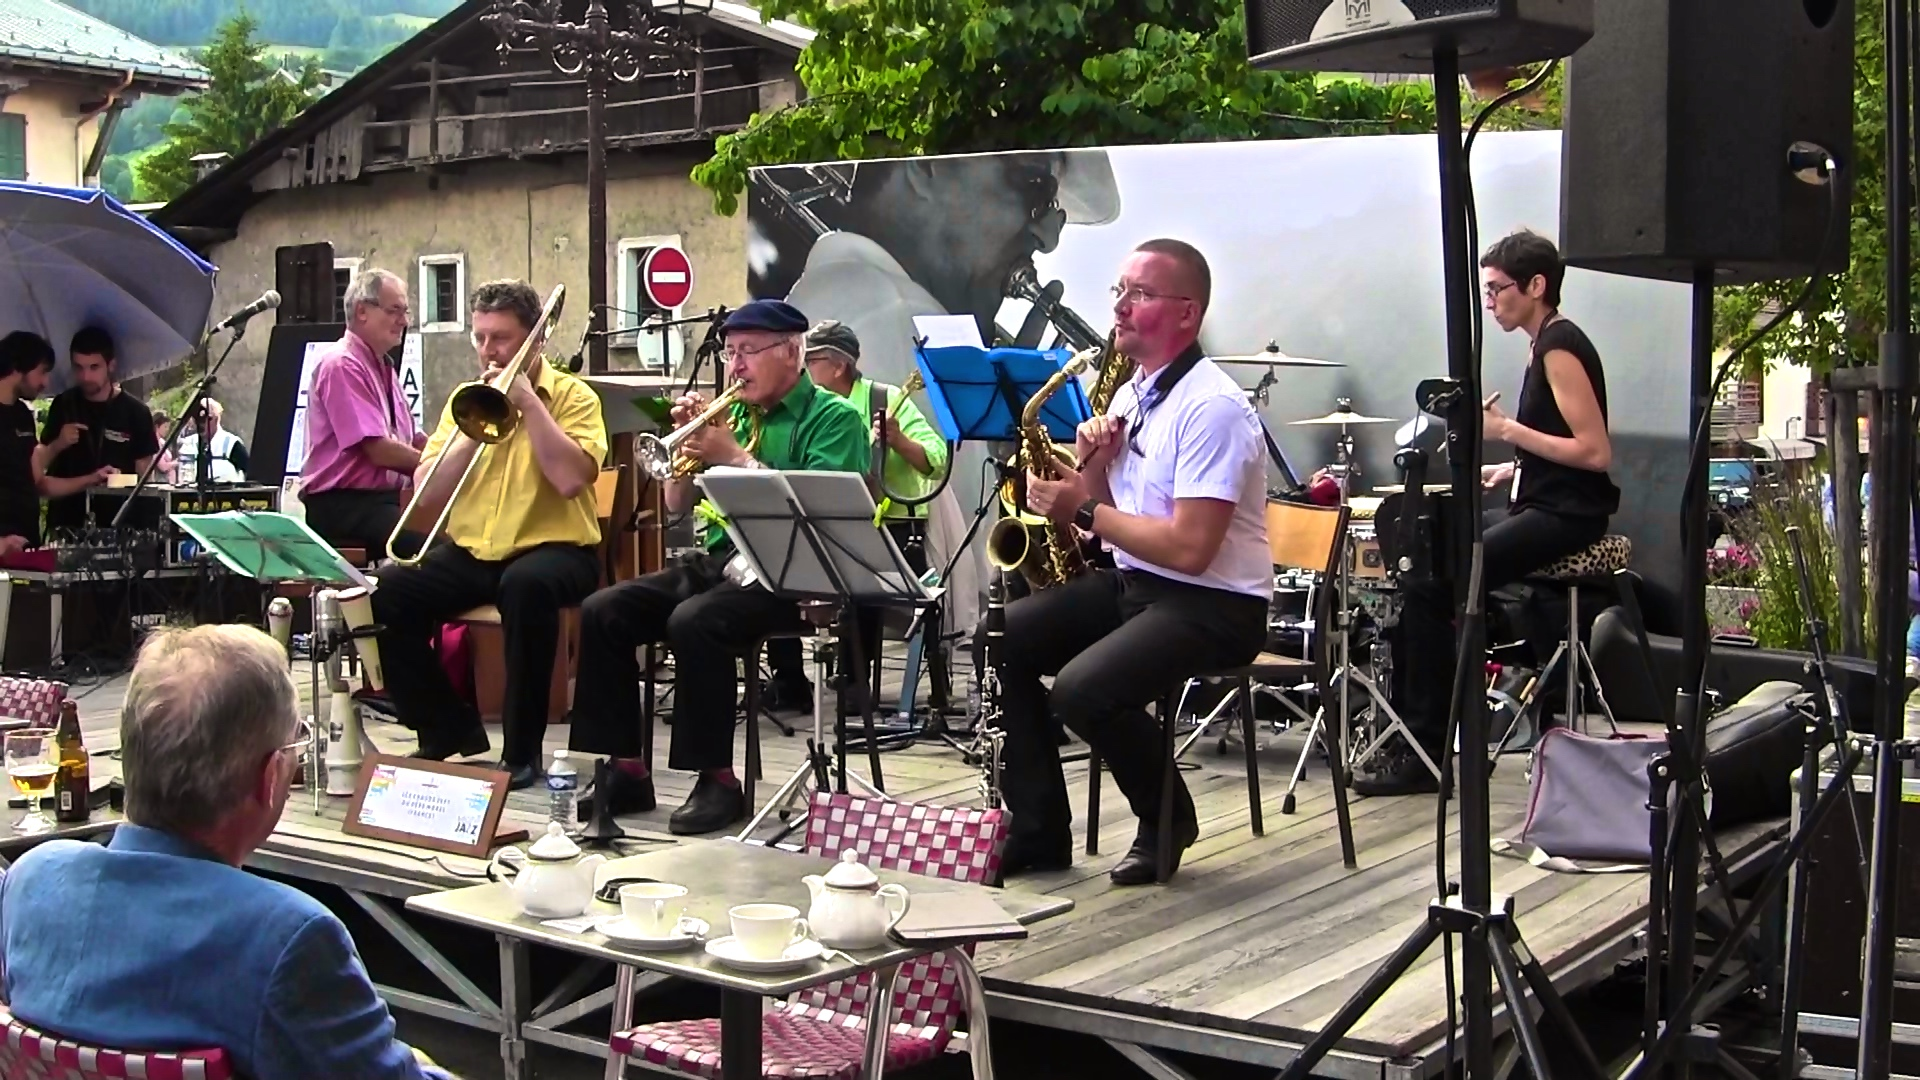 Chauds7_-_Megève_Jazz_COntest_2017_